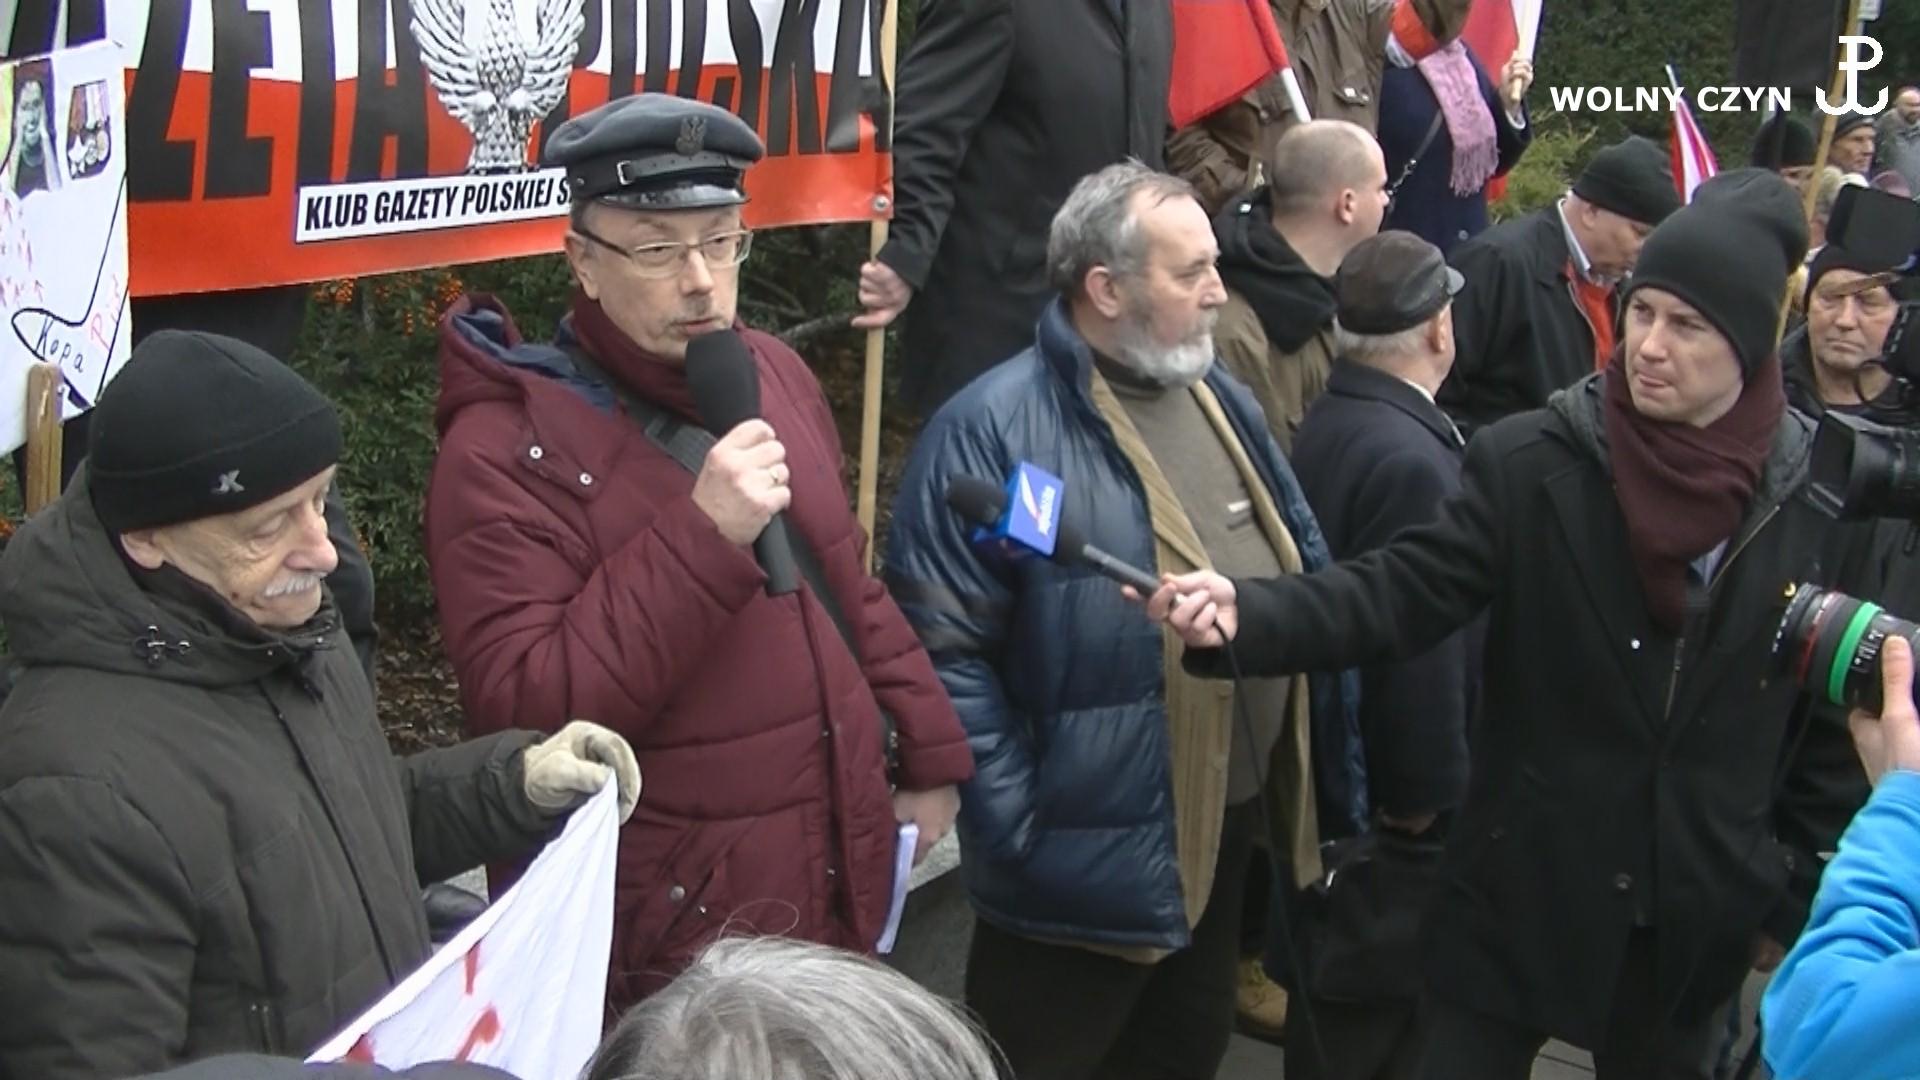 WOLNY CZYN: Solidarni 2010 w obronie Polski przed stalinowcami!